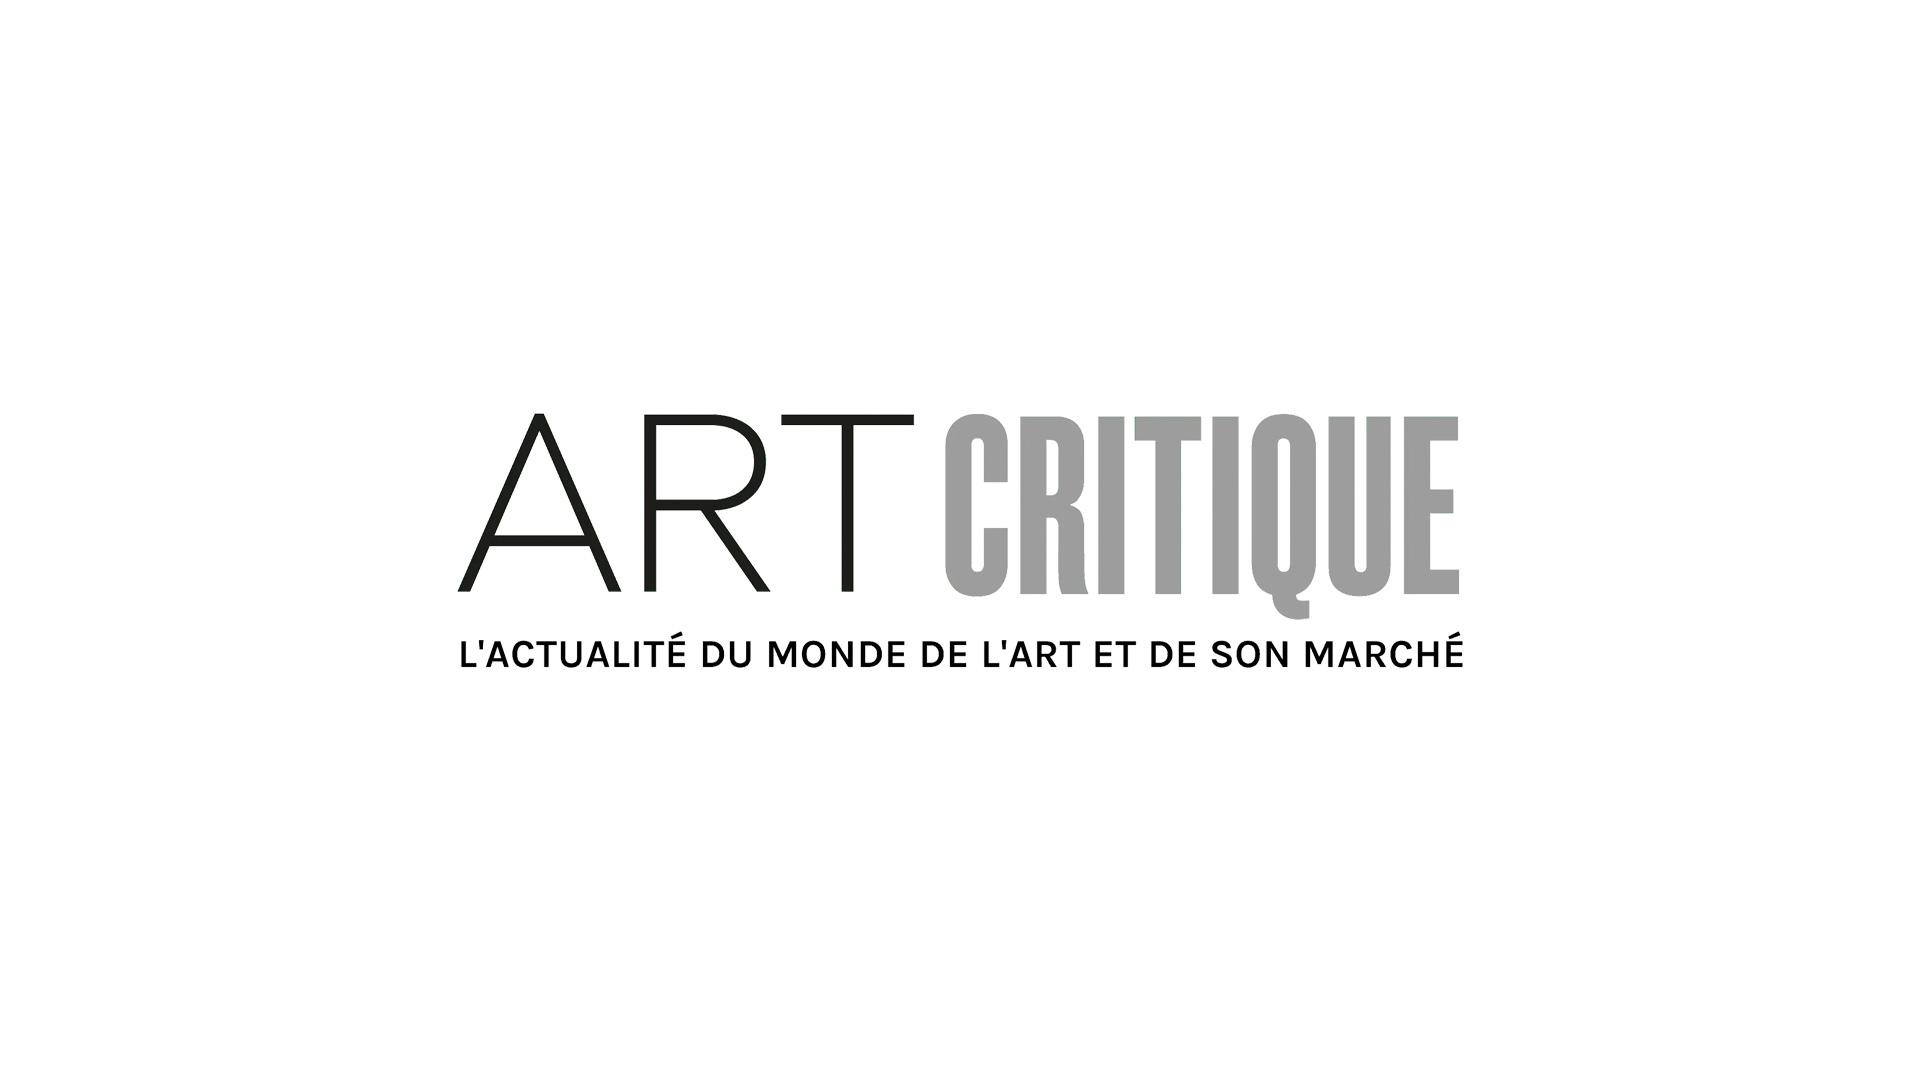 La numérisation, une solution pour sauvegarder notre patrimoine culturel